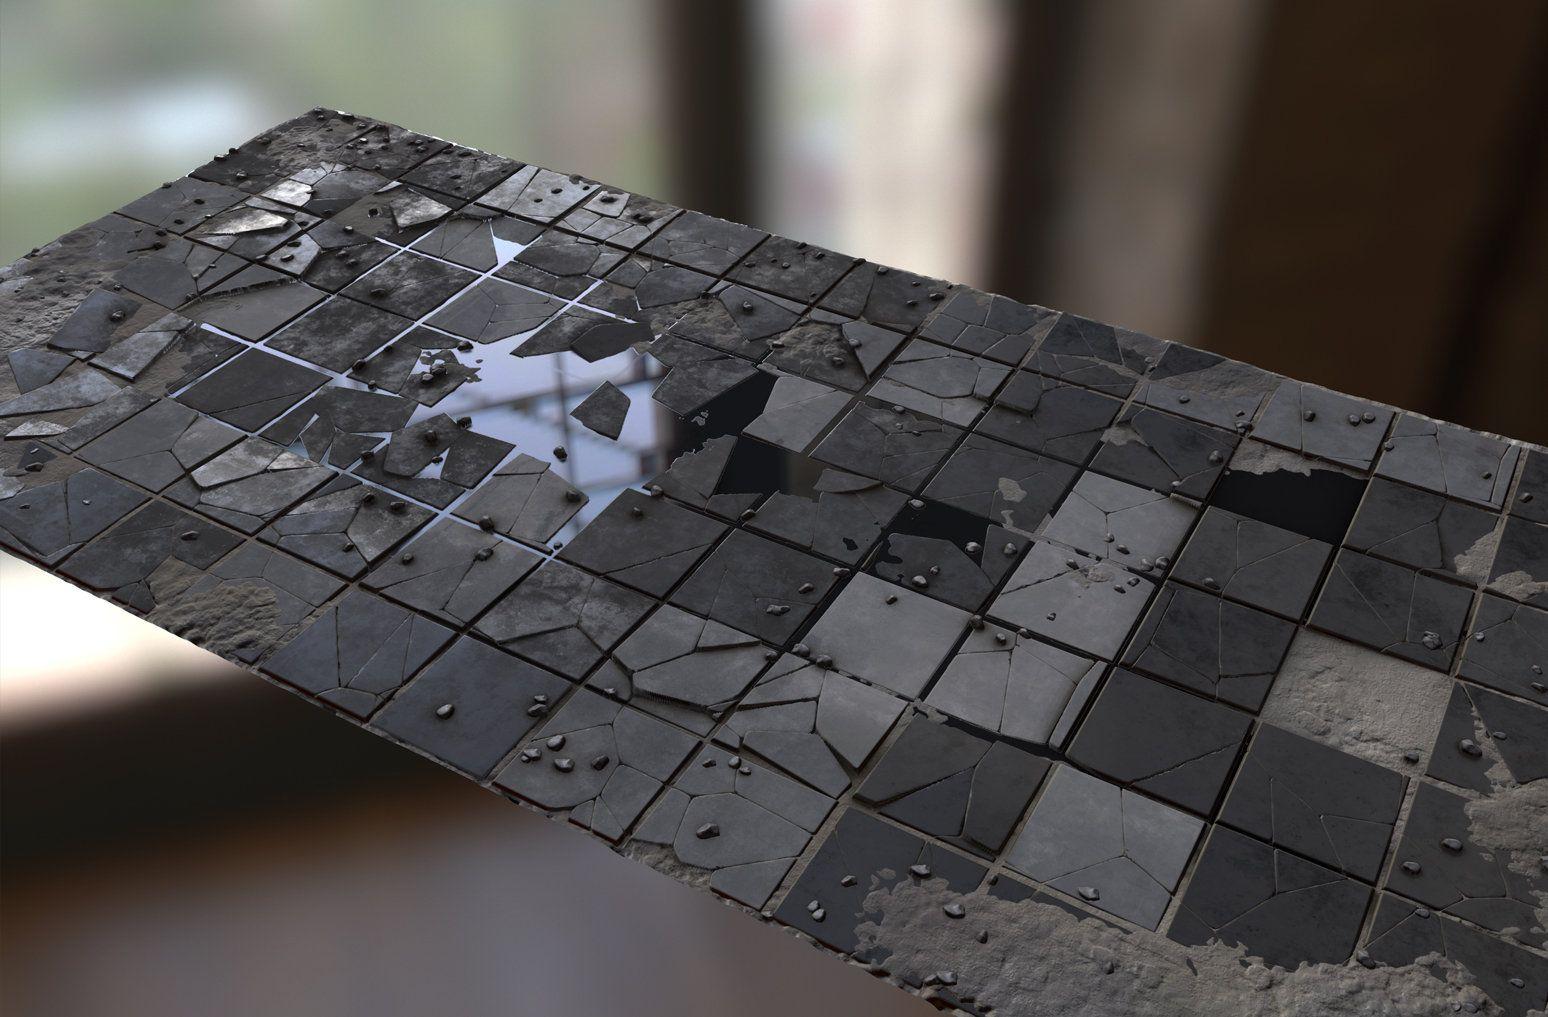 ArtStation broken floor, david garrett Game textures